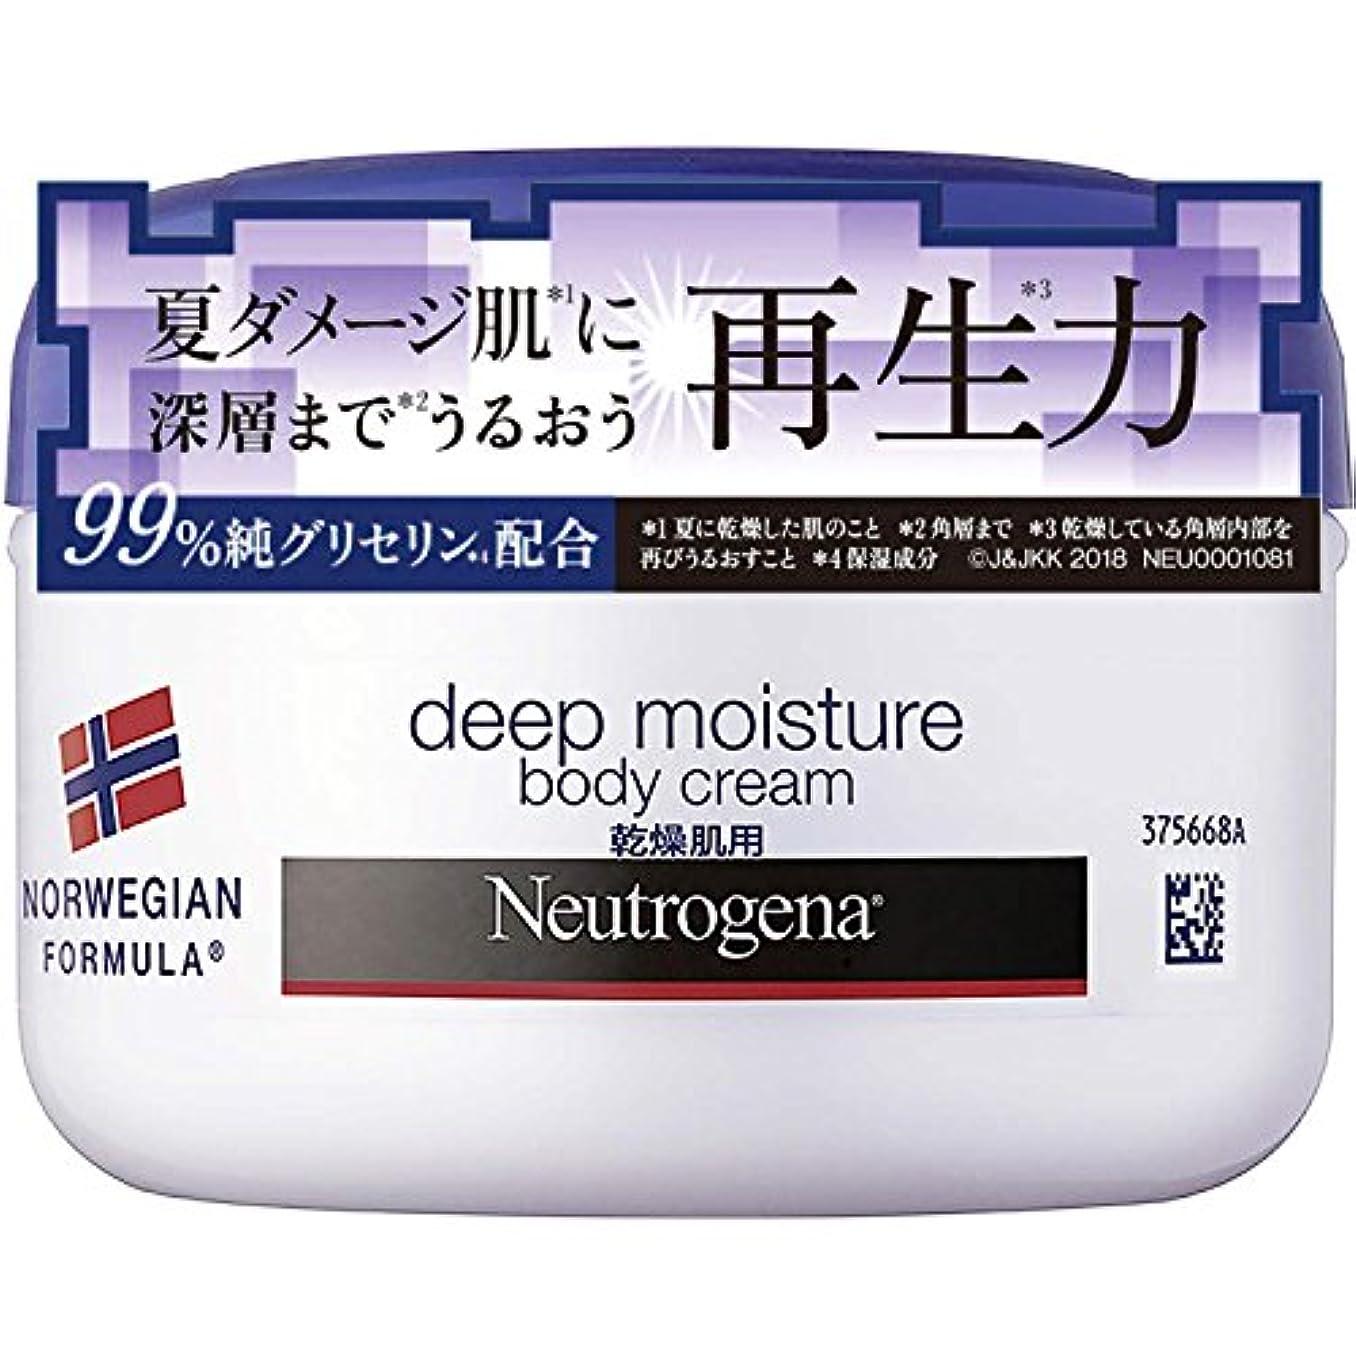 野なくるくる文化Neutrogena(ニュートロジーナ) ノルウェーフォーミュラ ディープモイスチャー ボディクリーム 乾燥肌用 微香性 200ml